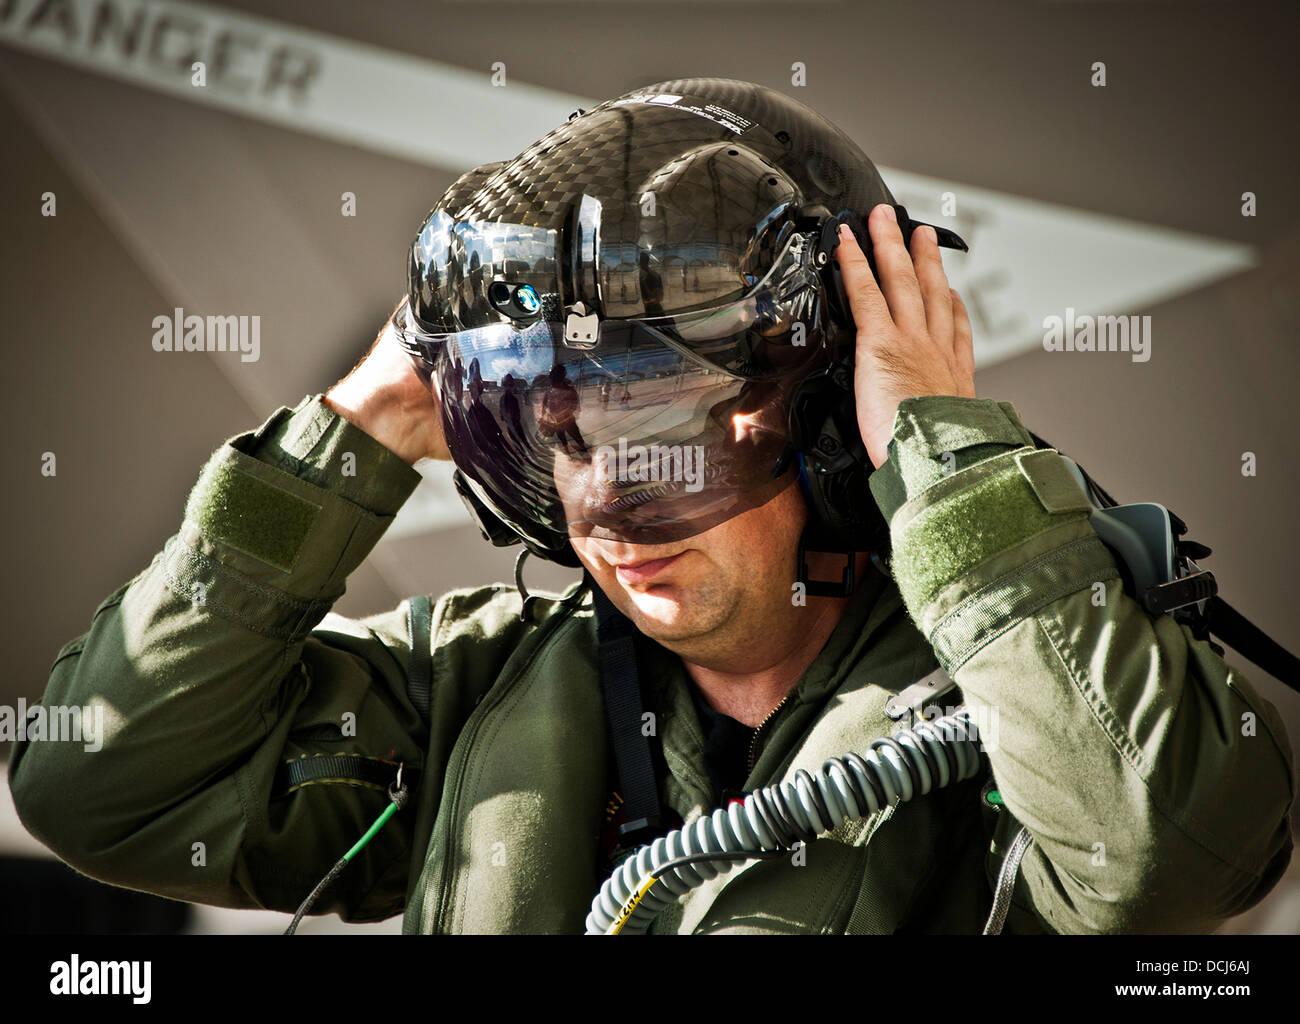 Lt. CDR Chris Tabert setzt den spezialisierten Helm vor der Pilotierung des Erstflug der F - 35C Lightning II auf Stockbild